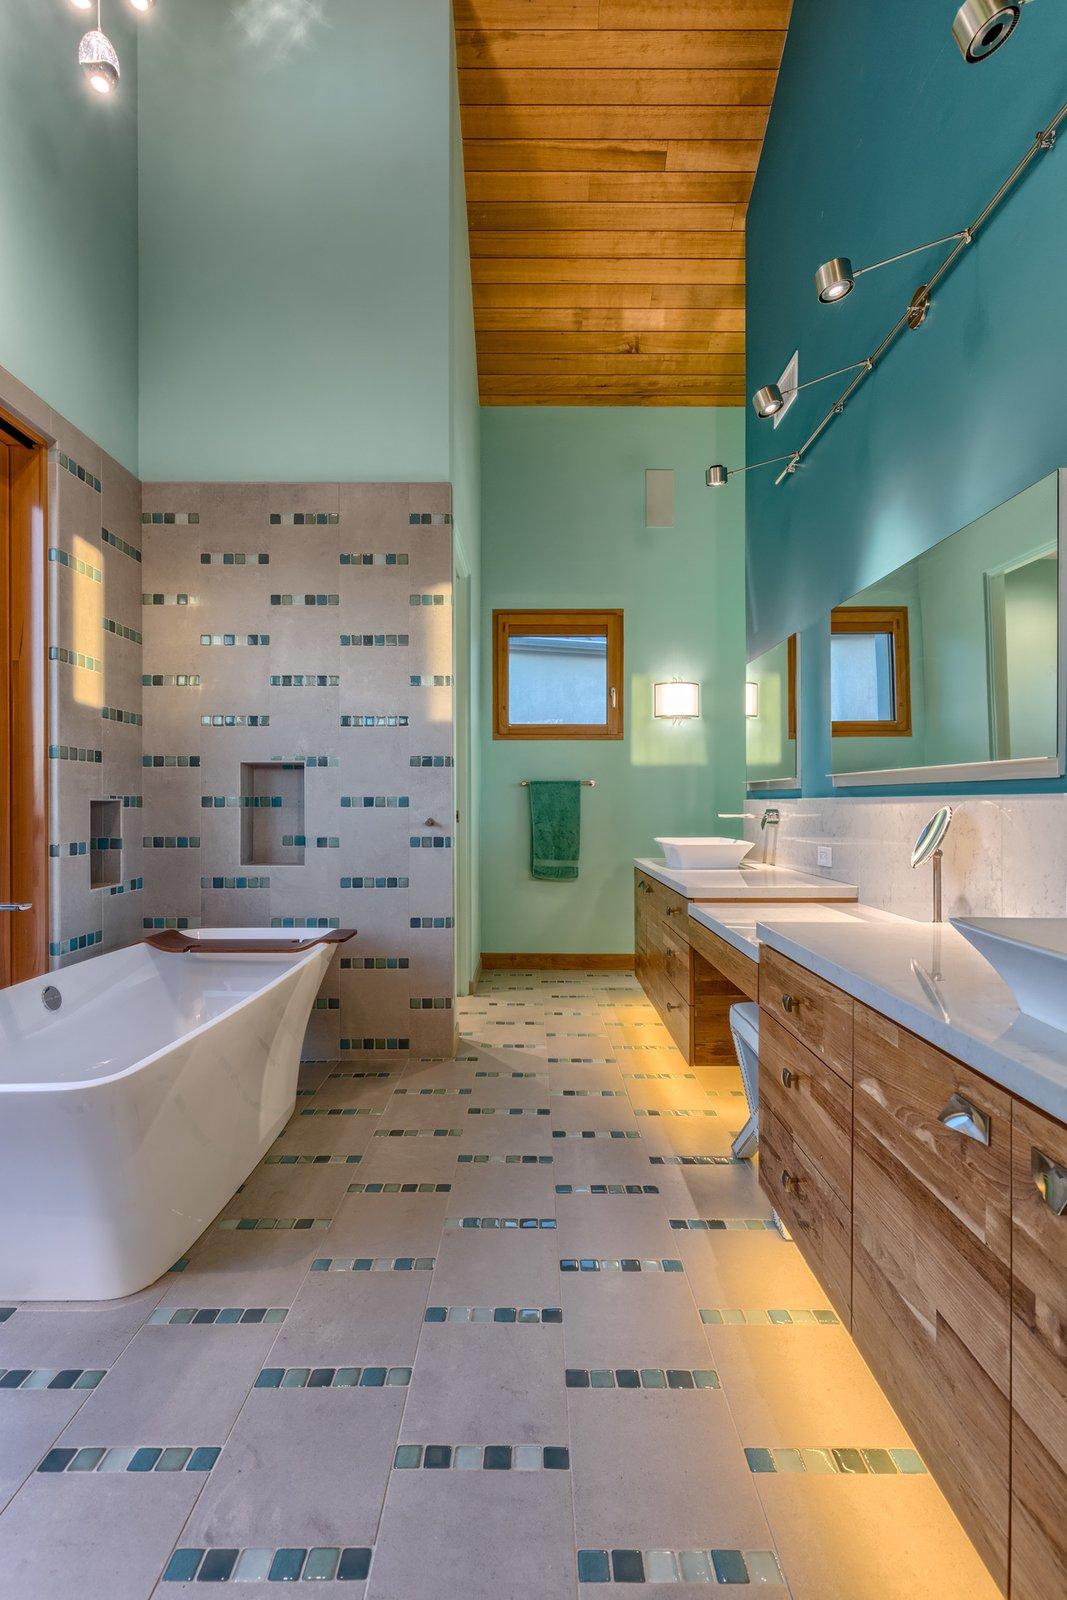 Casa Aguila Bathroom  Casa Aguila by Maureen Brennan